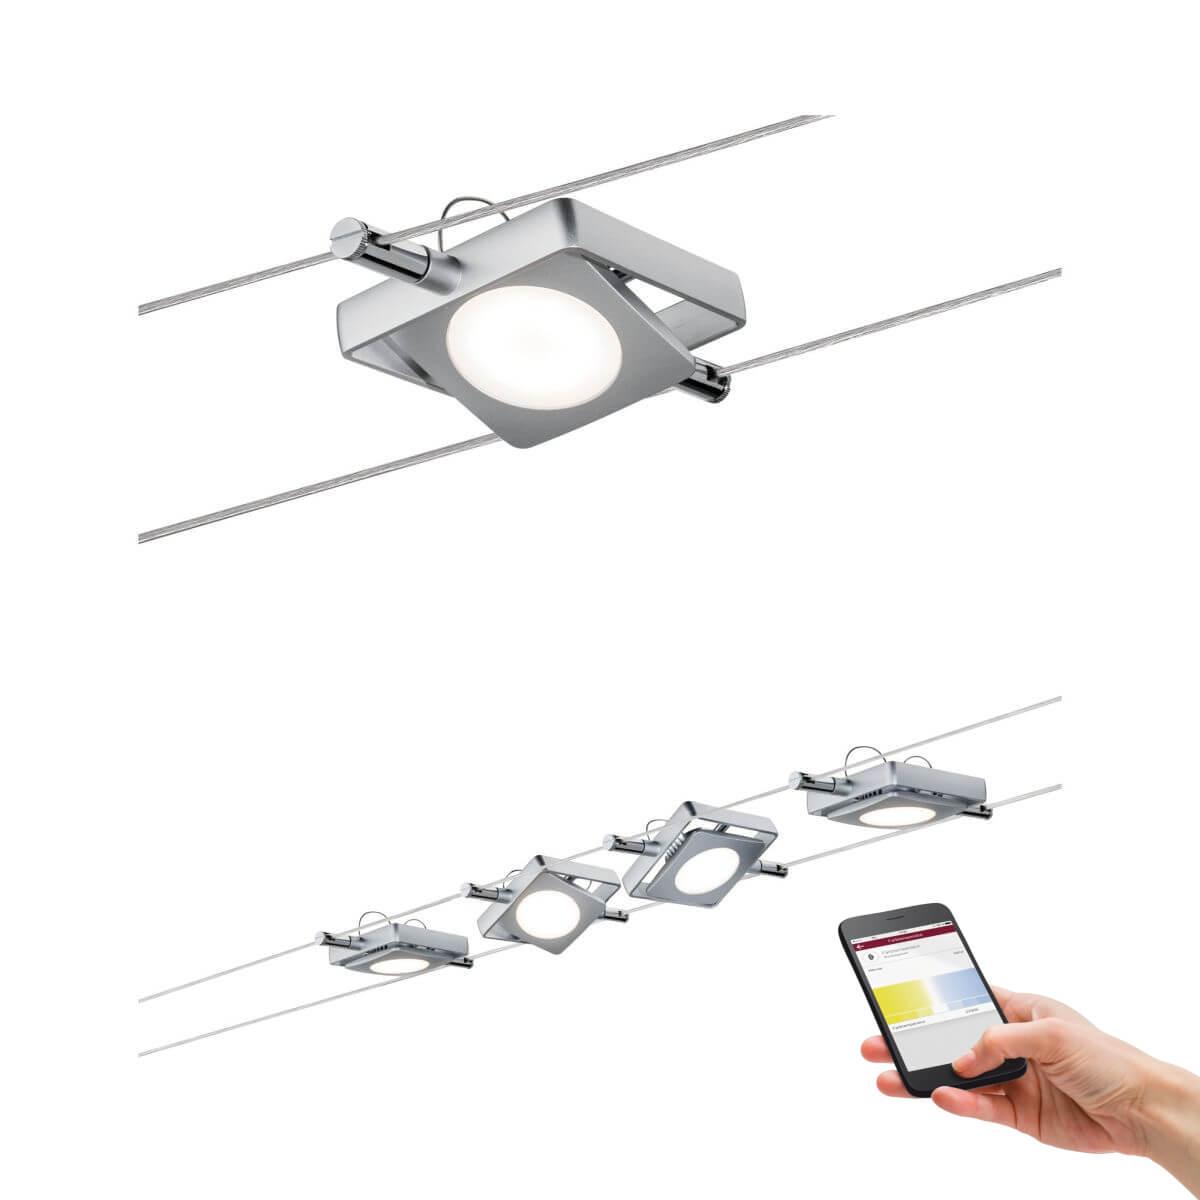 Paulmann Smart LED-Seilsystem MacLED 4x4W DC Chrom matt mit Weißlichtsteuerung, Bluetooth